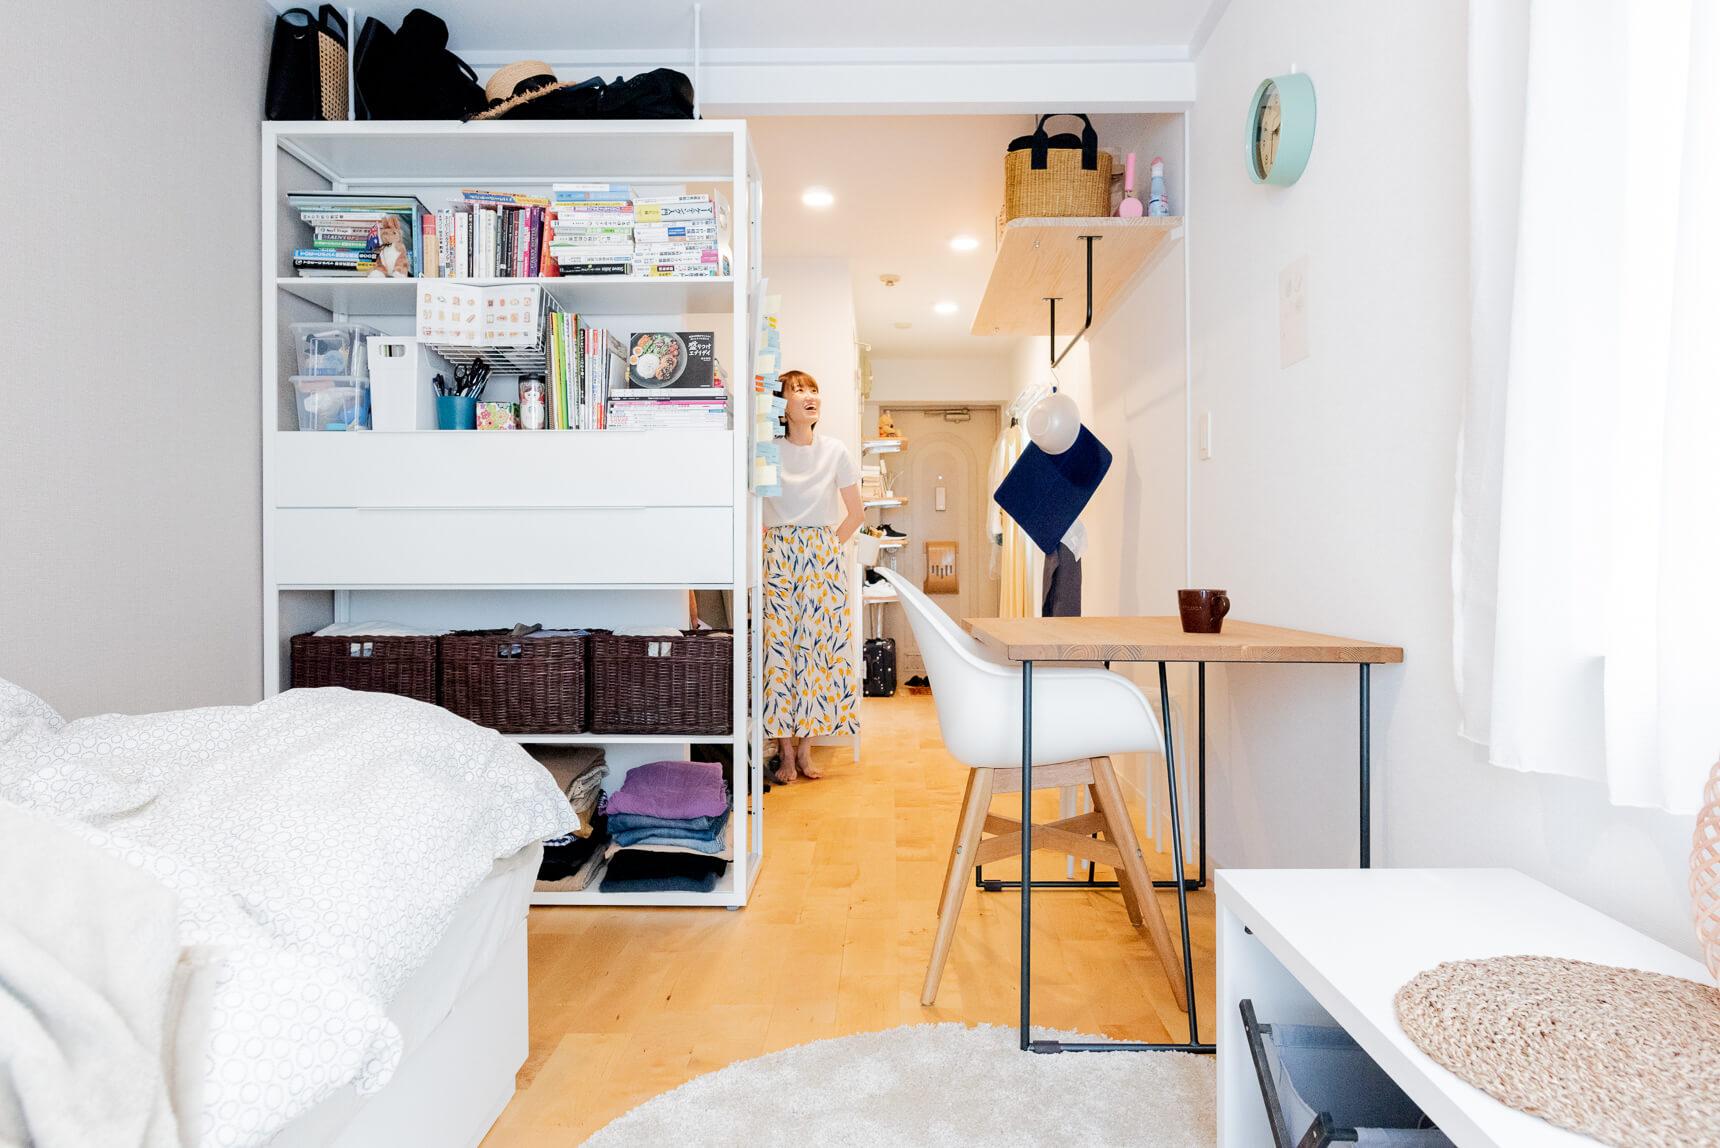 ワンルームで暮らす大谷さんが使用しているのは、minneでオーダーメイドで作ってもらったもの。